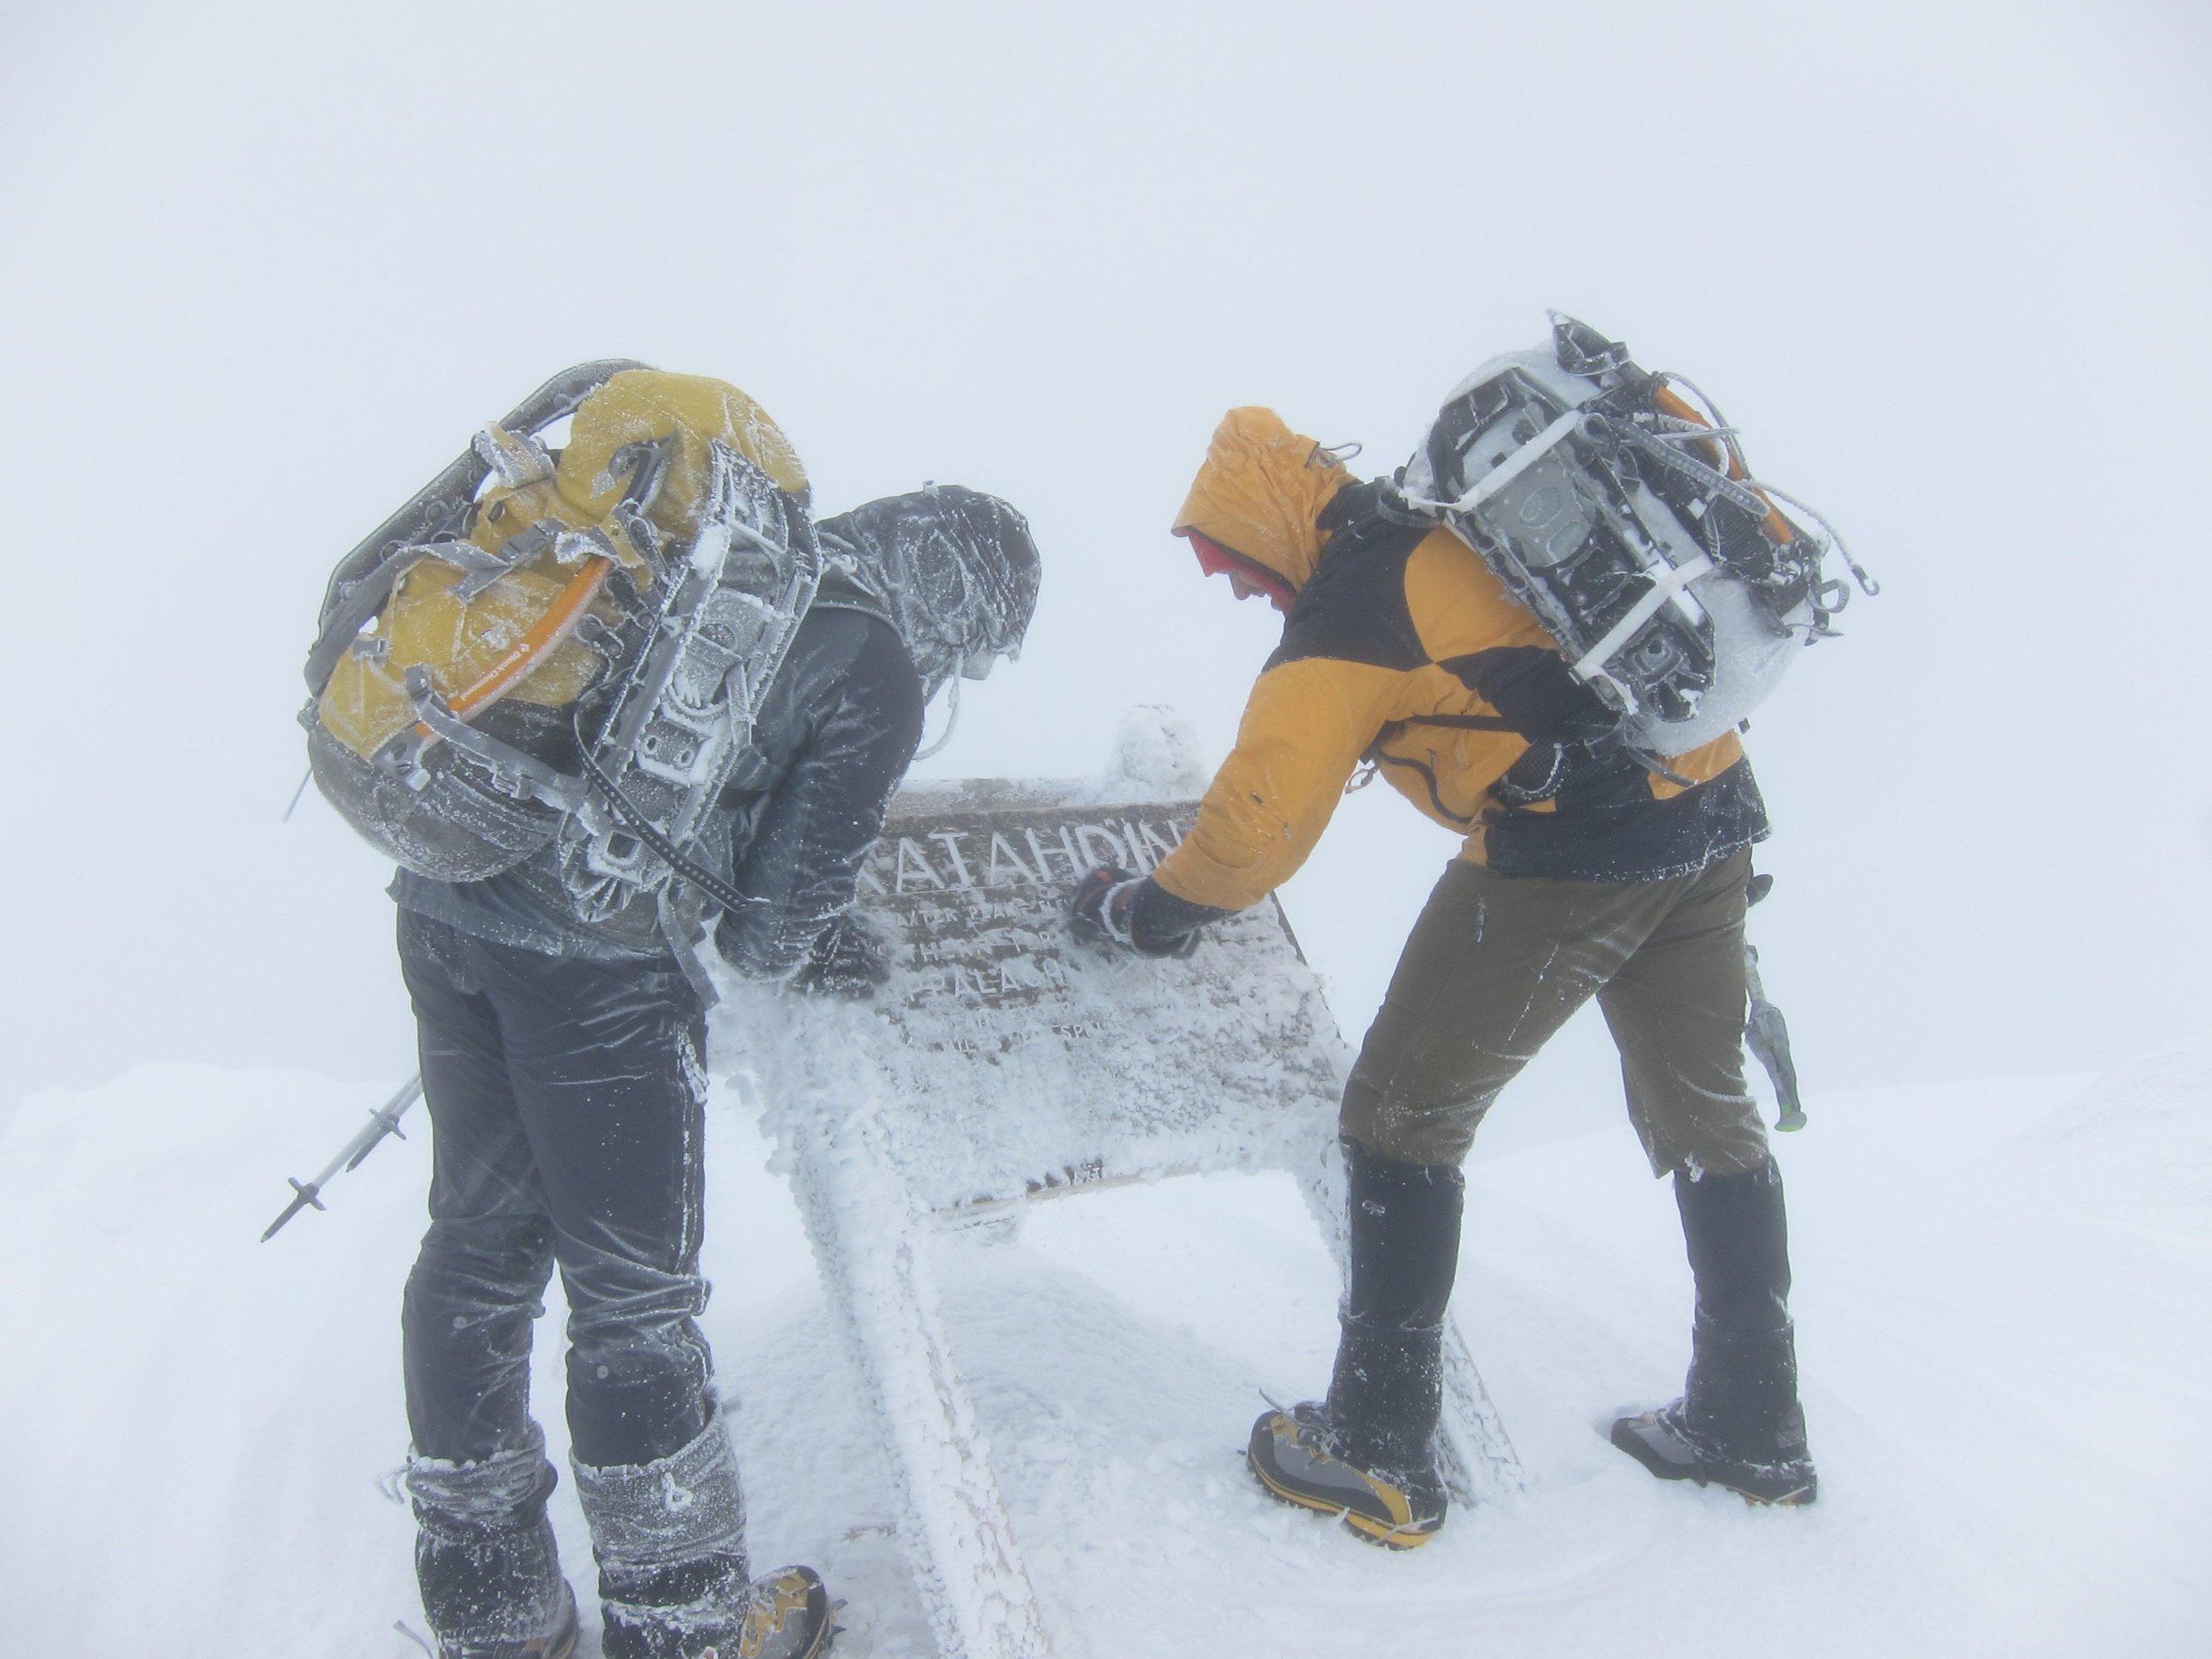 Katahdin summit.jpg